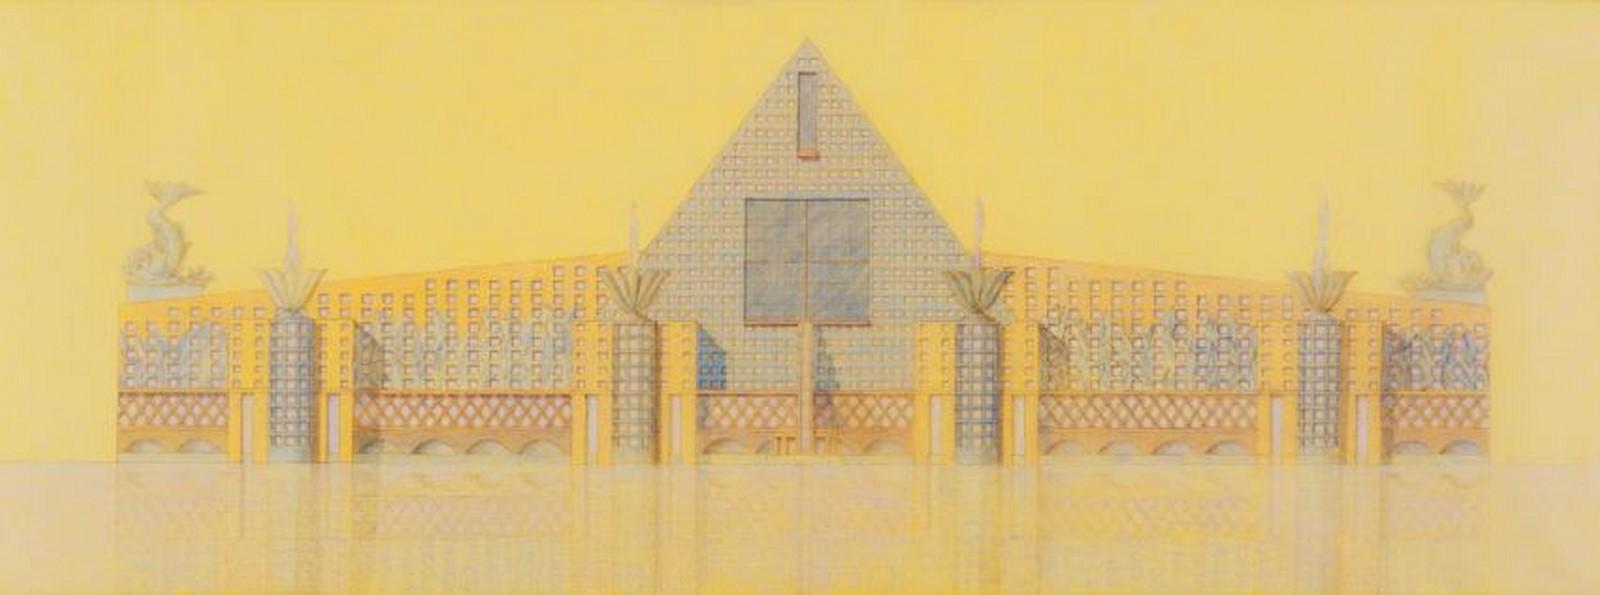 דוגמאות מפורסמות לאדריכלות הפוסט-מודרניסטית